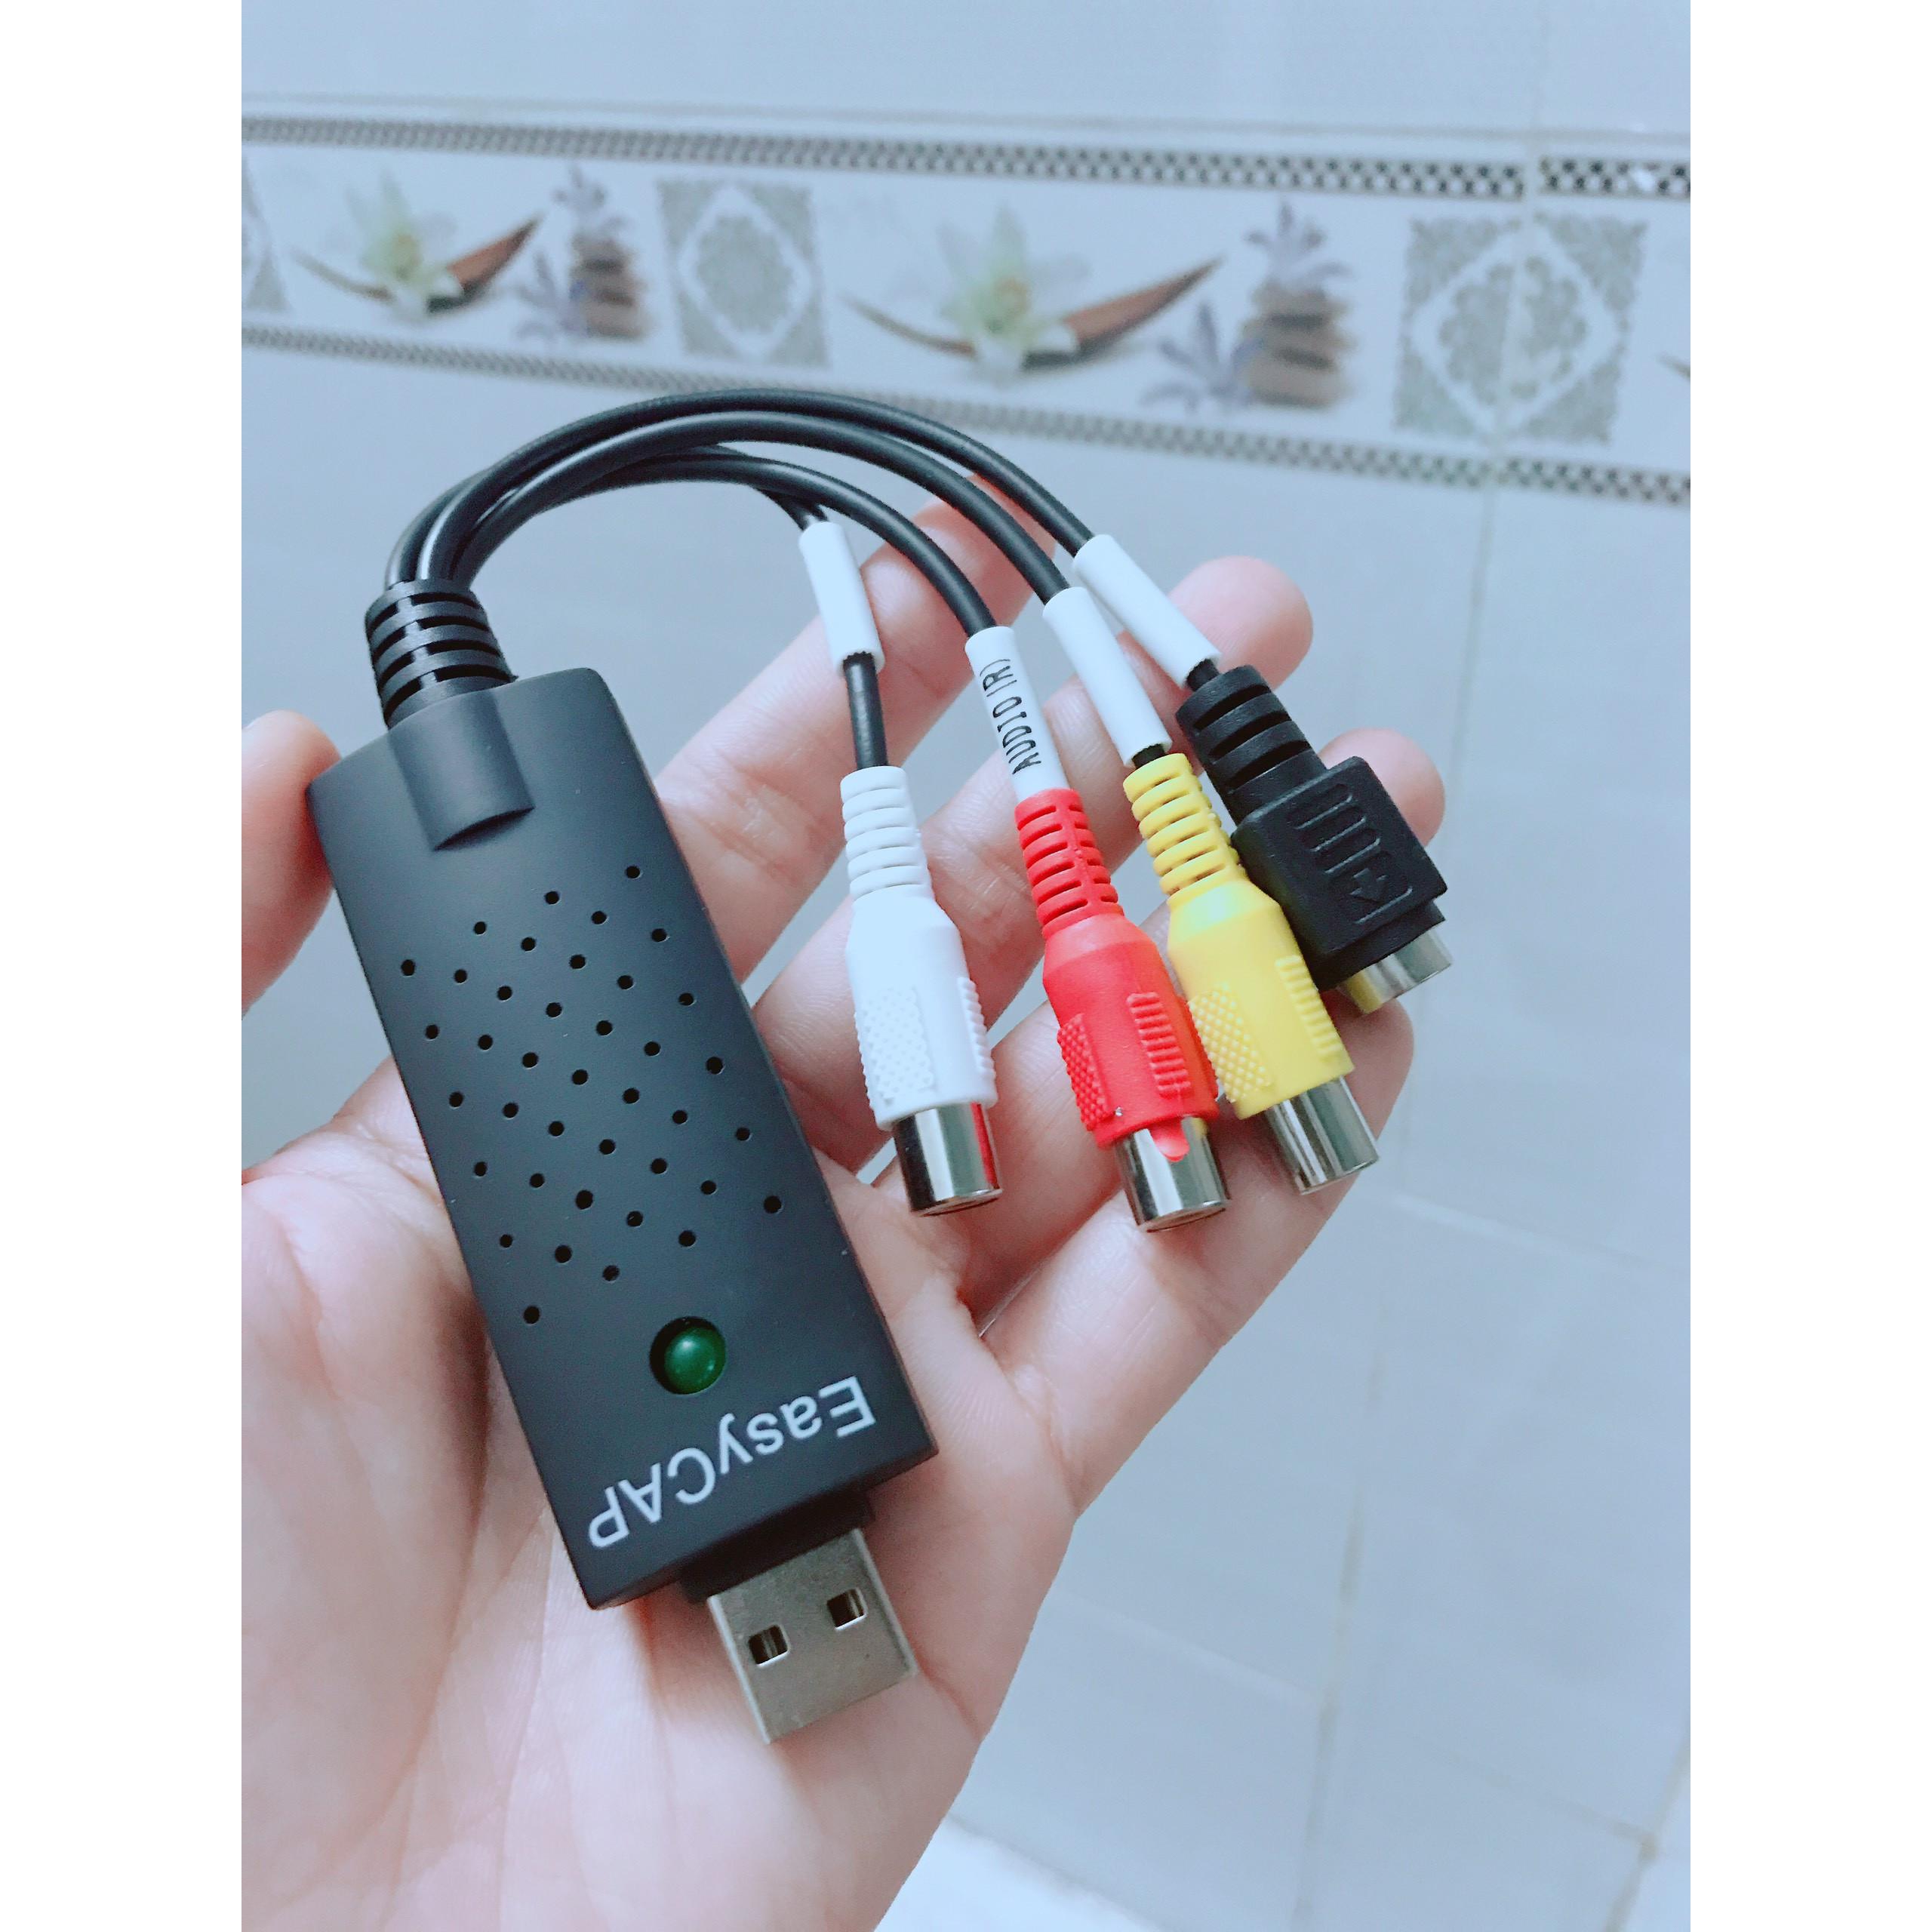 EASYCAP Chuyển từ USB ra AV - Svideo, Lưu hình từ Camera- HÀNG NHẬP KHẨU